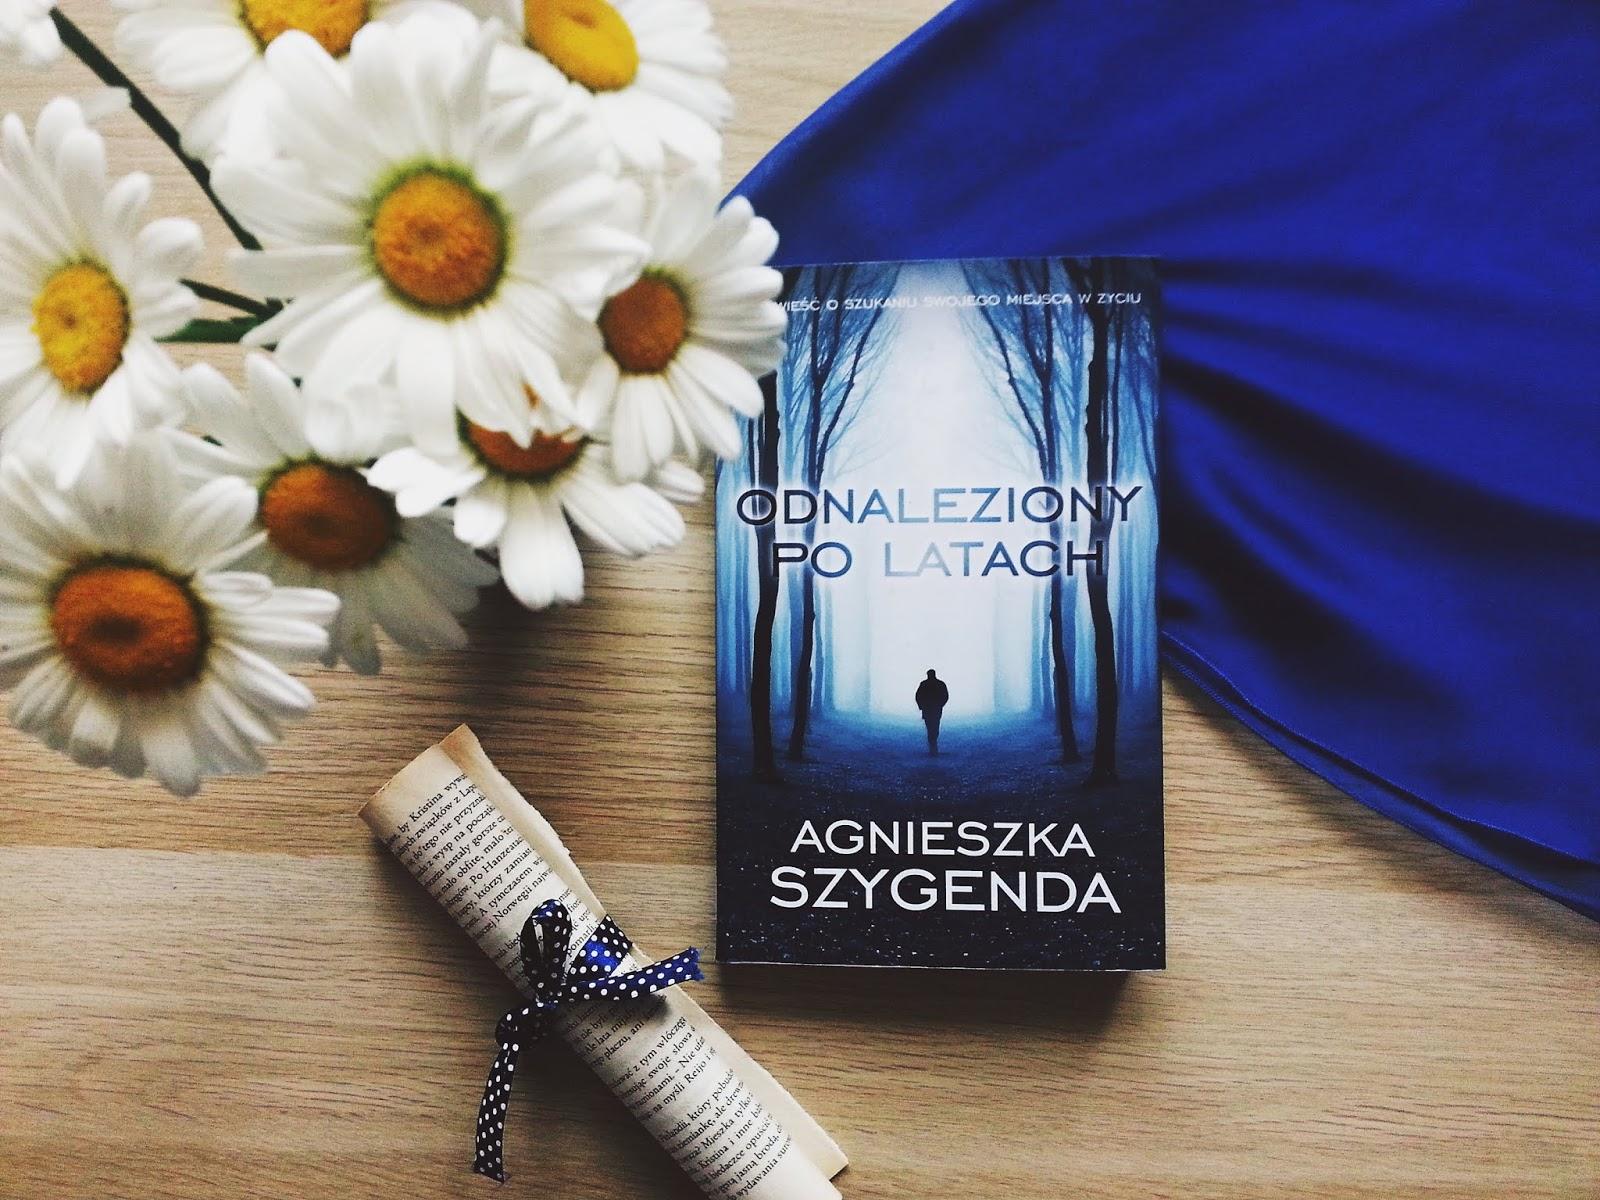 najlepsze książki 2018, najgorsze książki 2018, podsumowanie, Odnaleziony po latach, Agnieszka Szygenda, książka, recenzja, Edipresse Książki, wydawnictwo